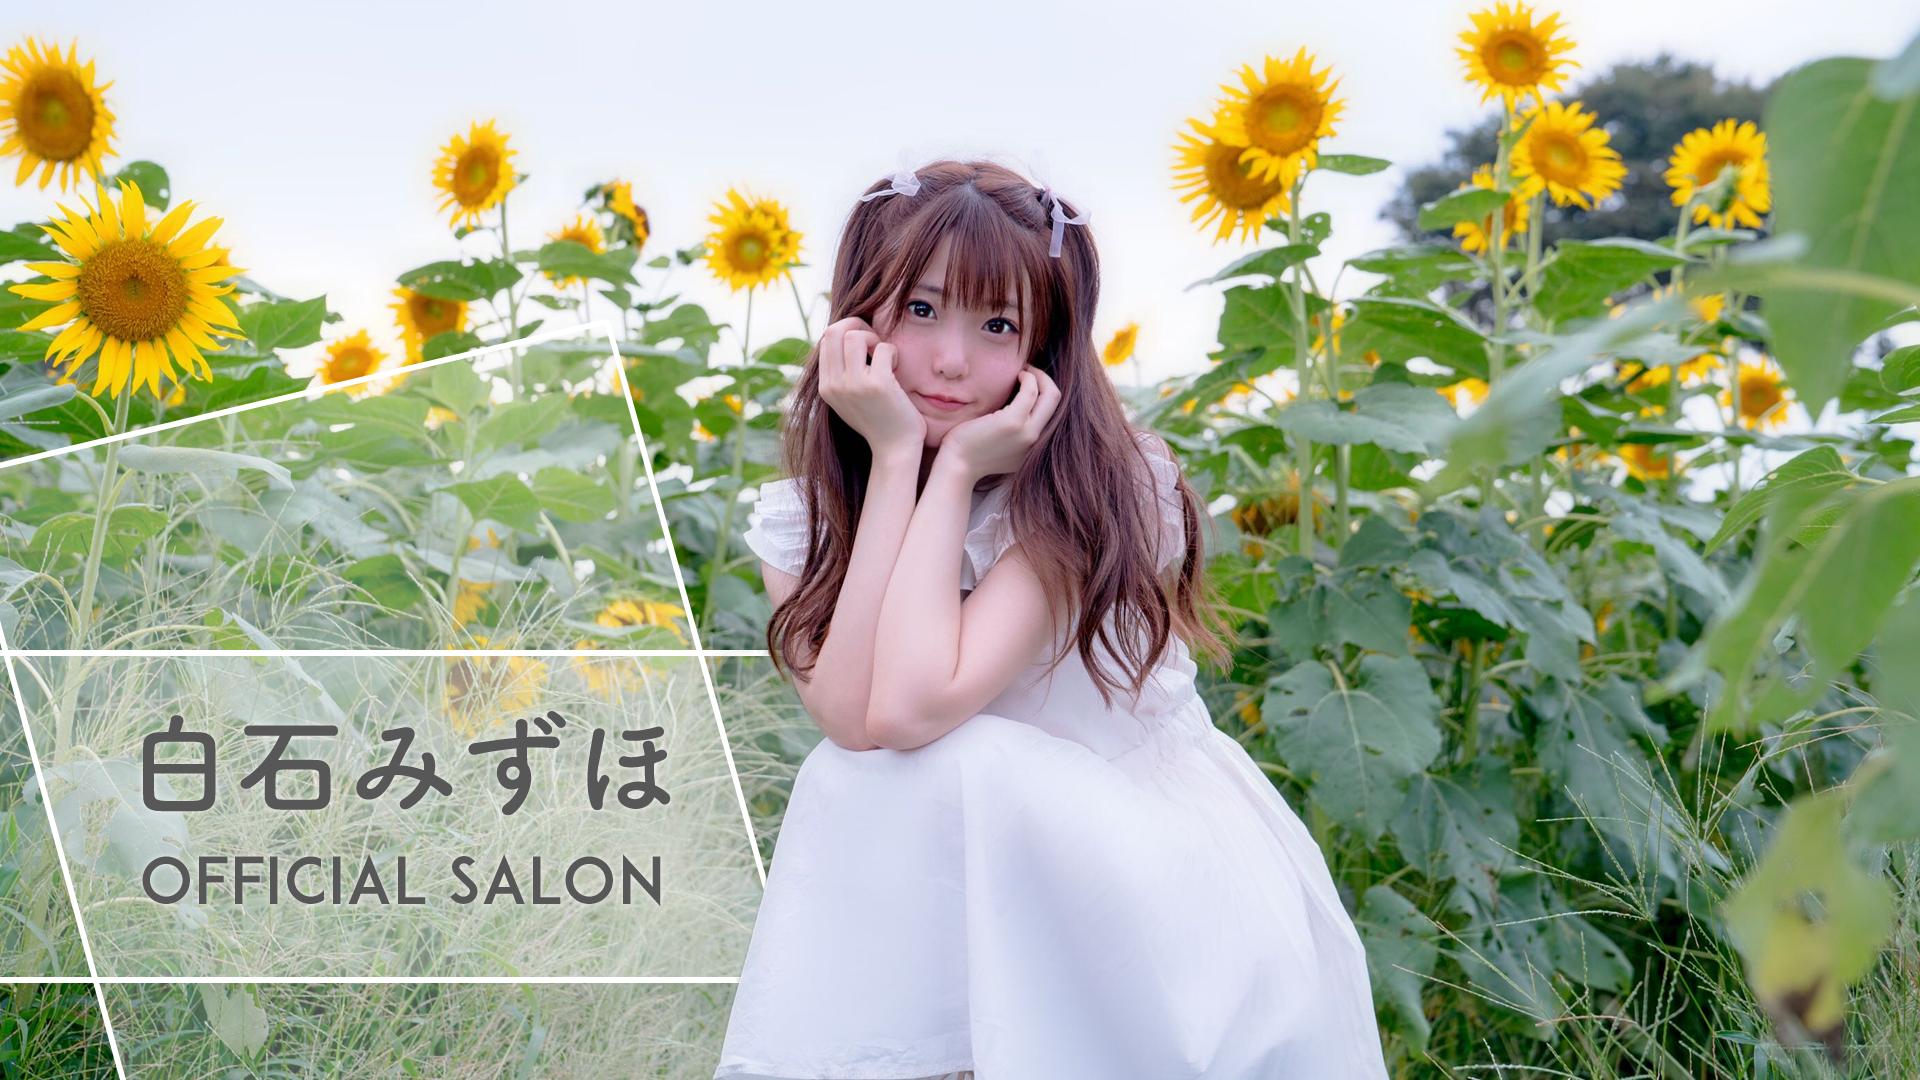 白石みずほ Official Salon